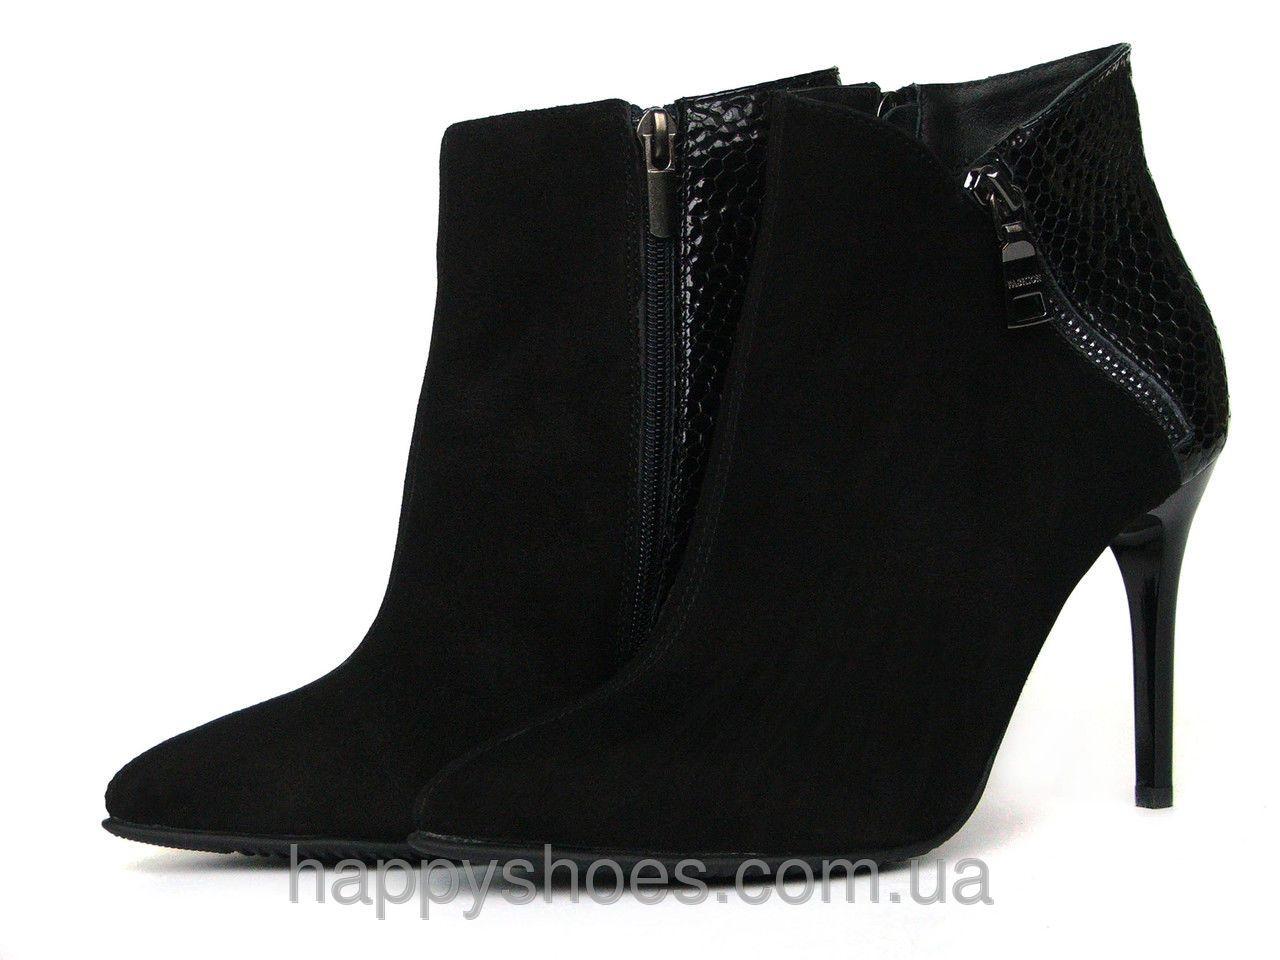 e3a2cf11 Купить Ботинки на шпильке из черной замши с лаковой вставкой и молнией в Запорожье  от компании